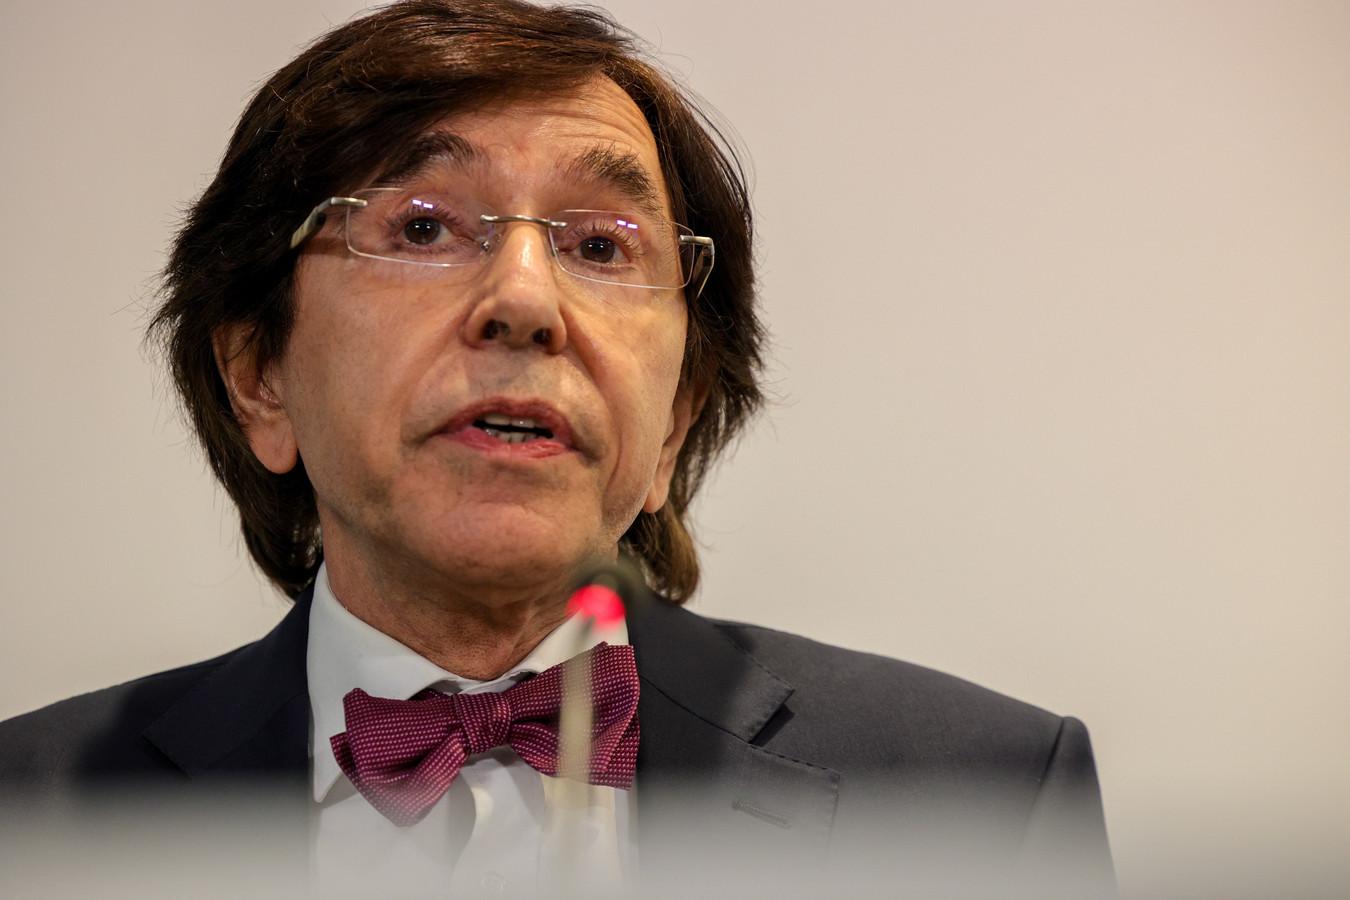 Elio Di Rupo is gespaard gebleven van veel negatieve commentaren.